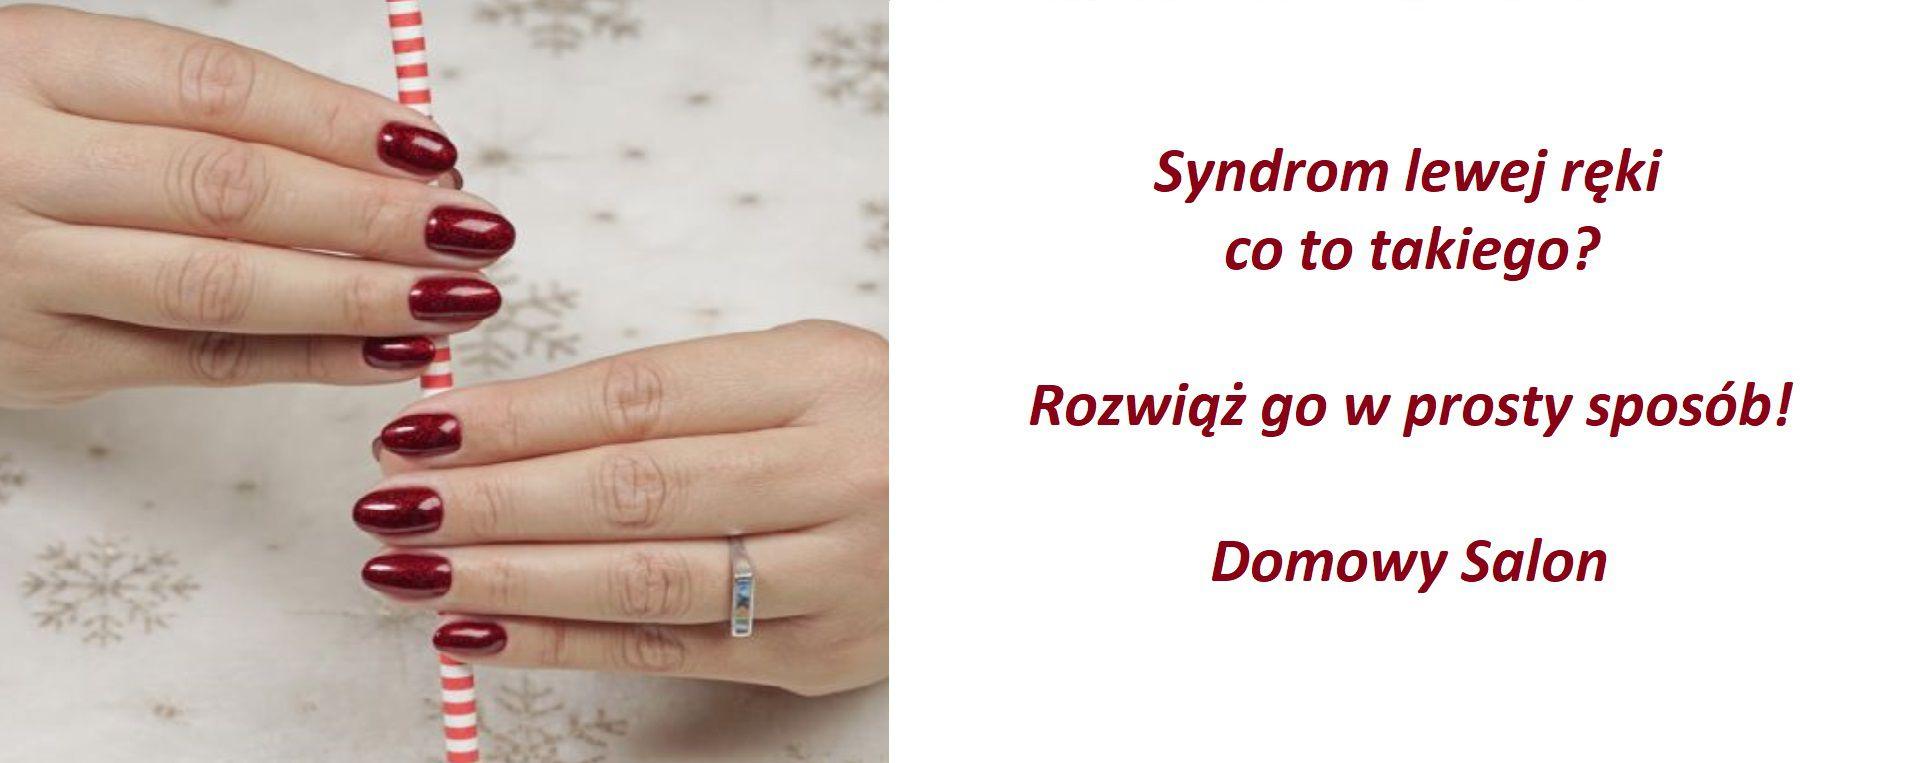 Syndrom lewej ręki – spotkajmy się przy hybrydzie